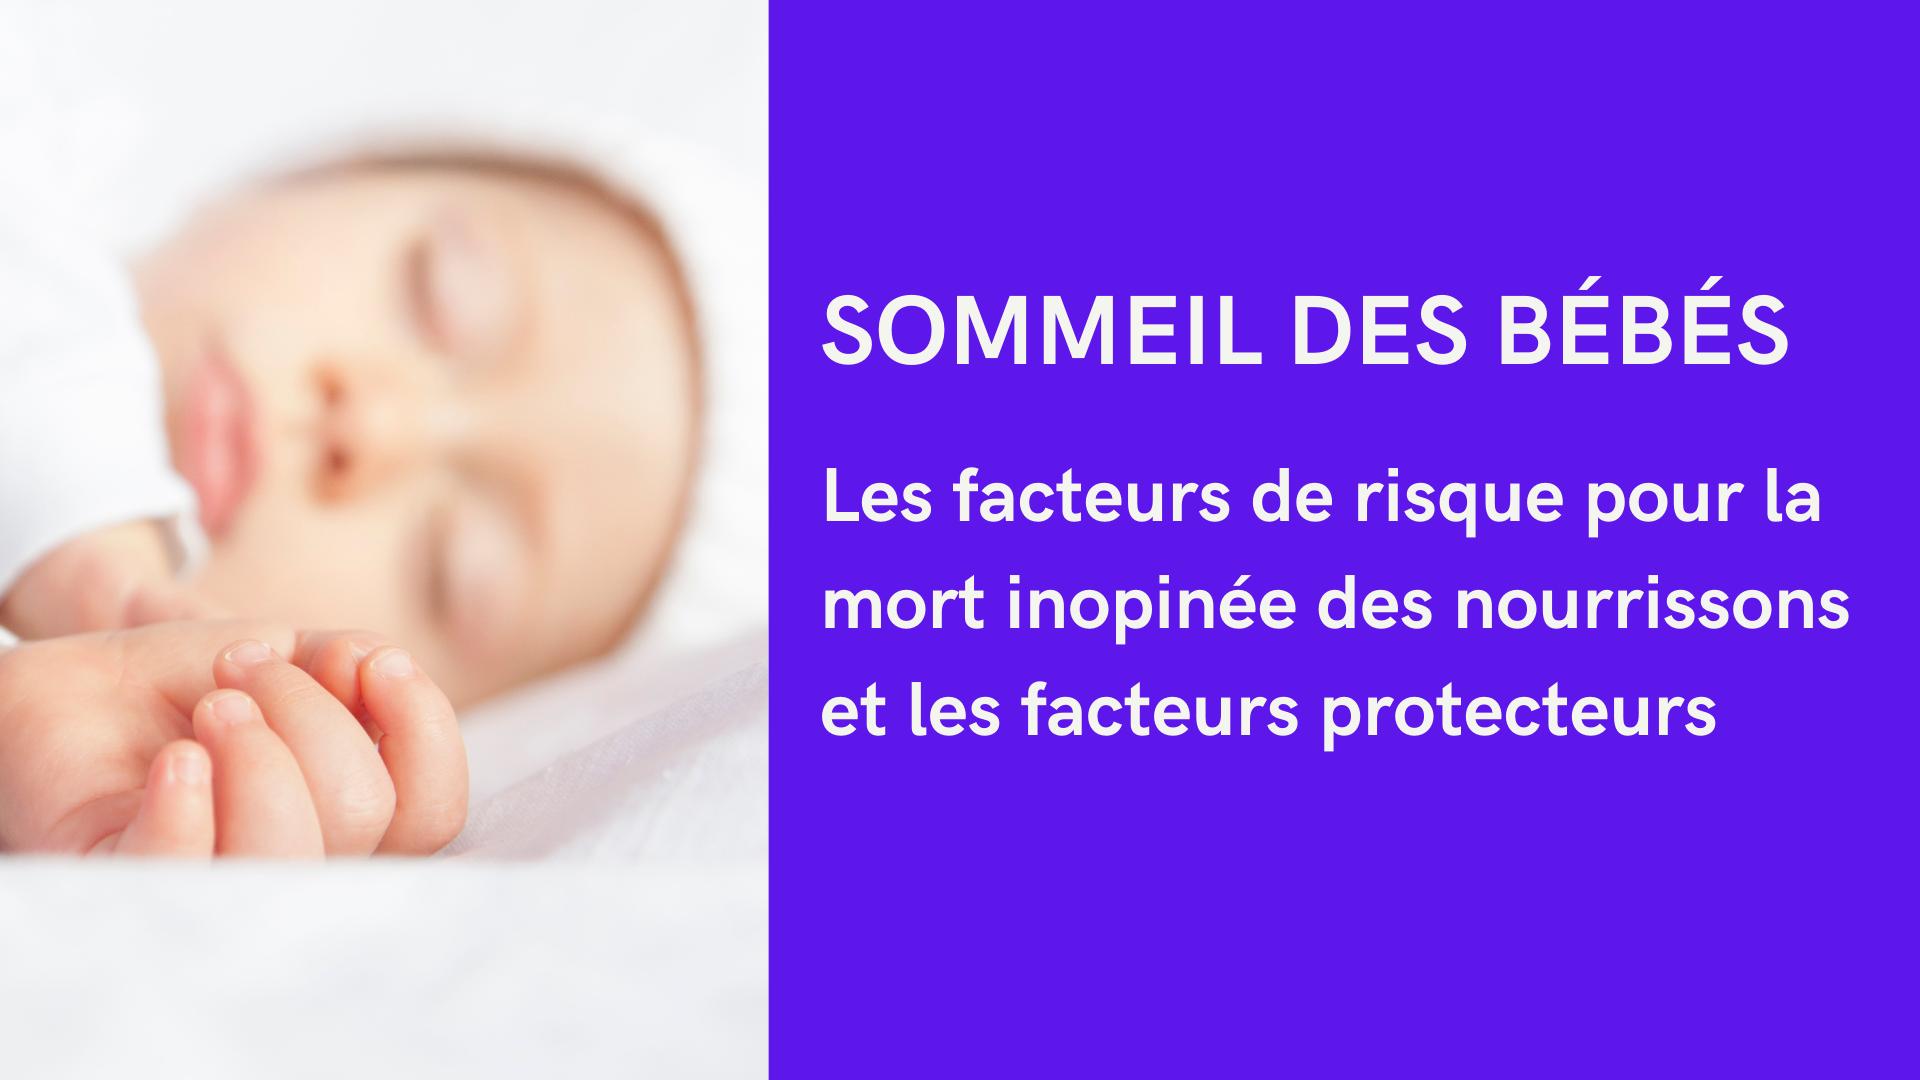 facteurs risque mort sommeil bébé